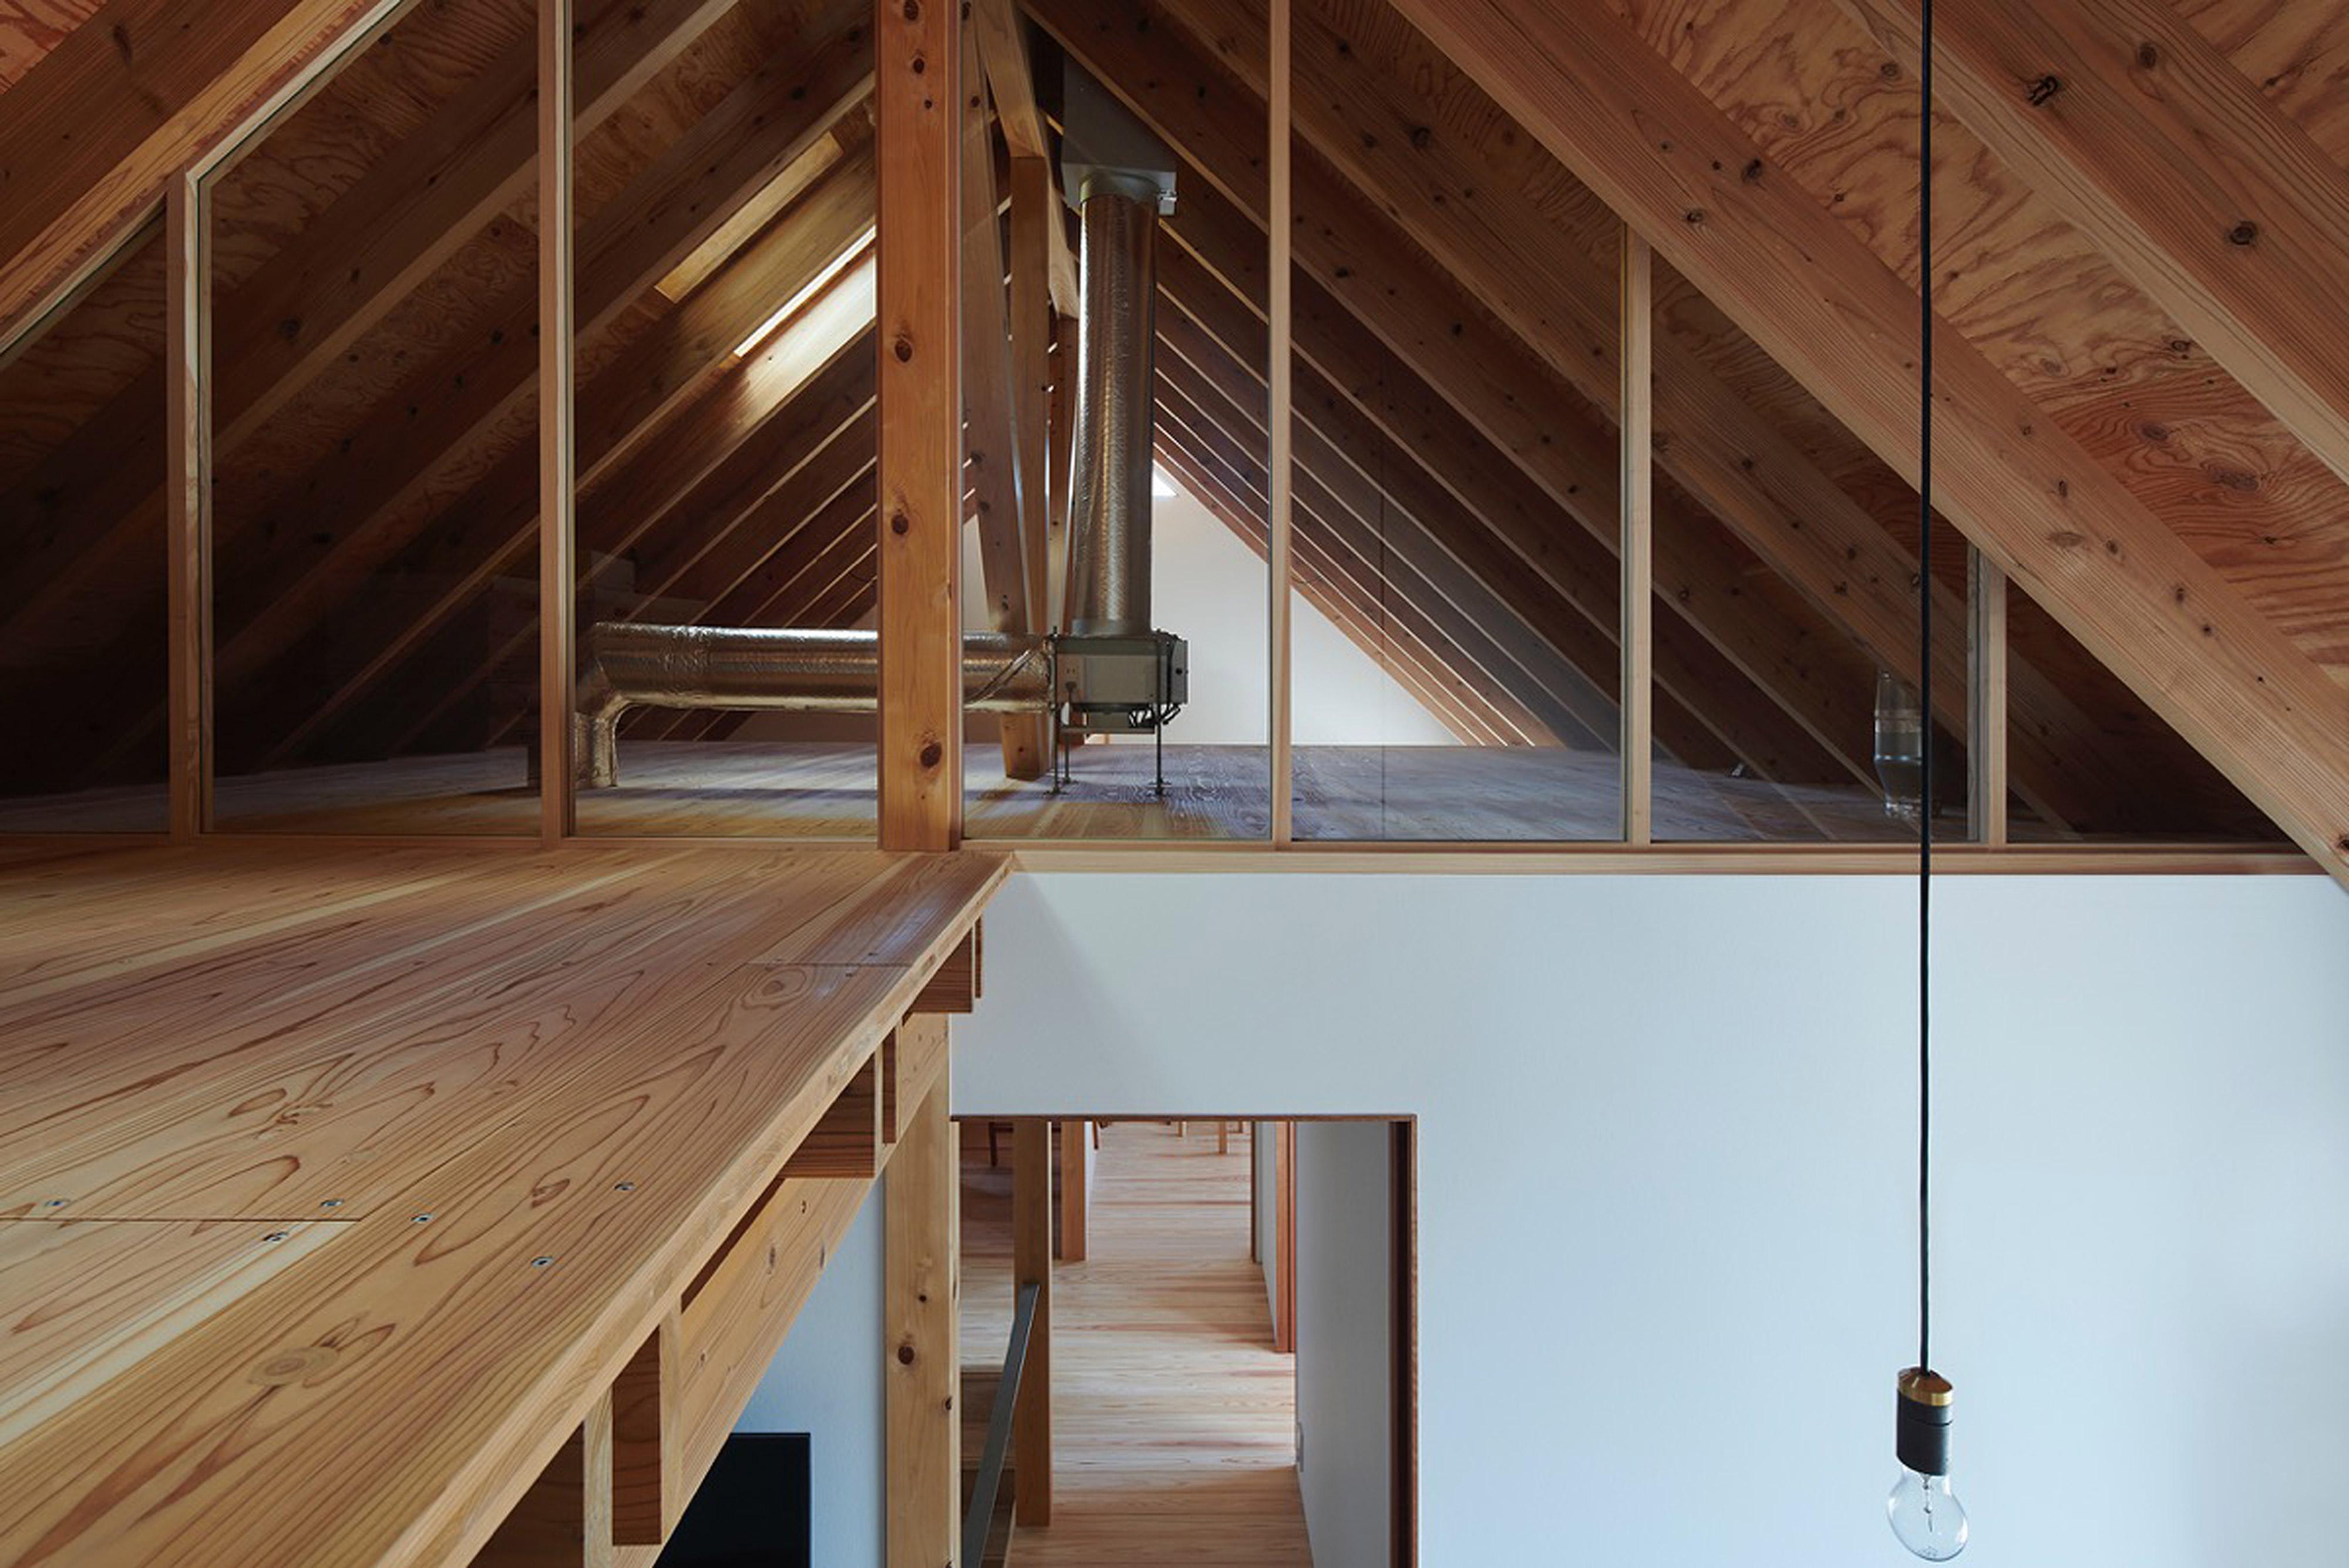 太陽熱で空気をあたため暖房・換気するびおソーラー搭載の屋根裏